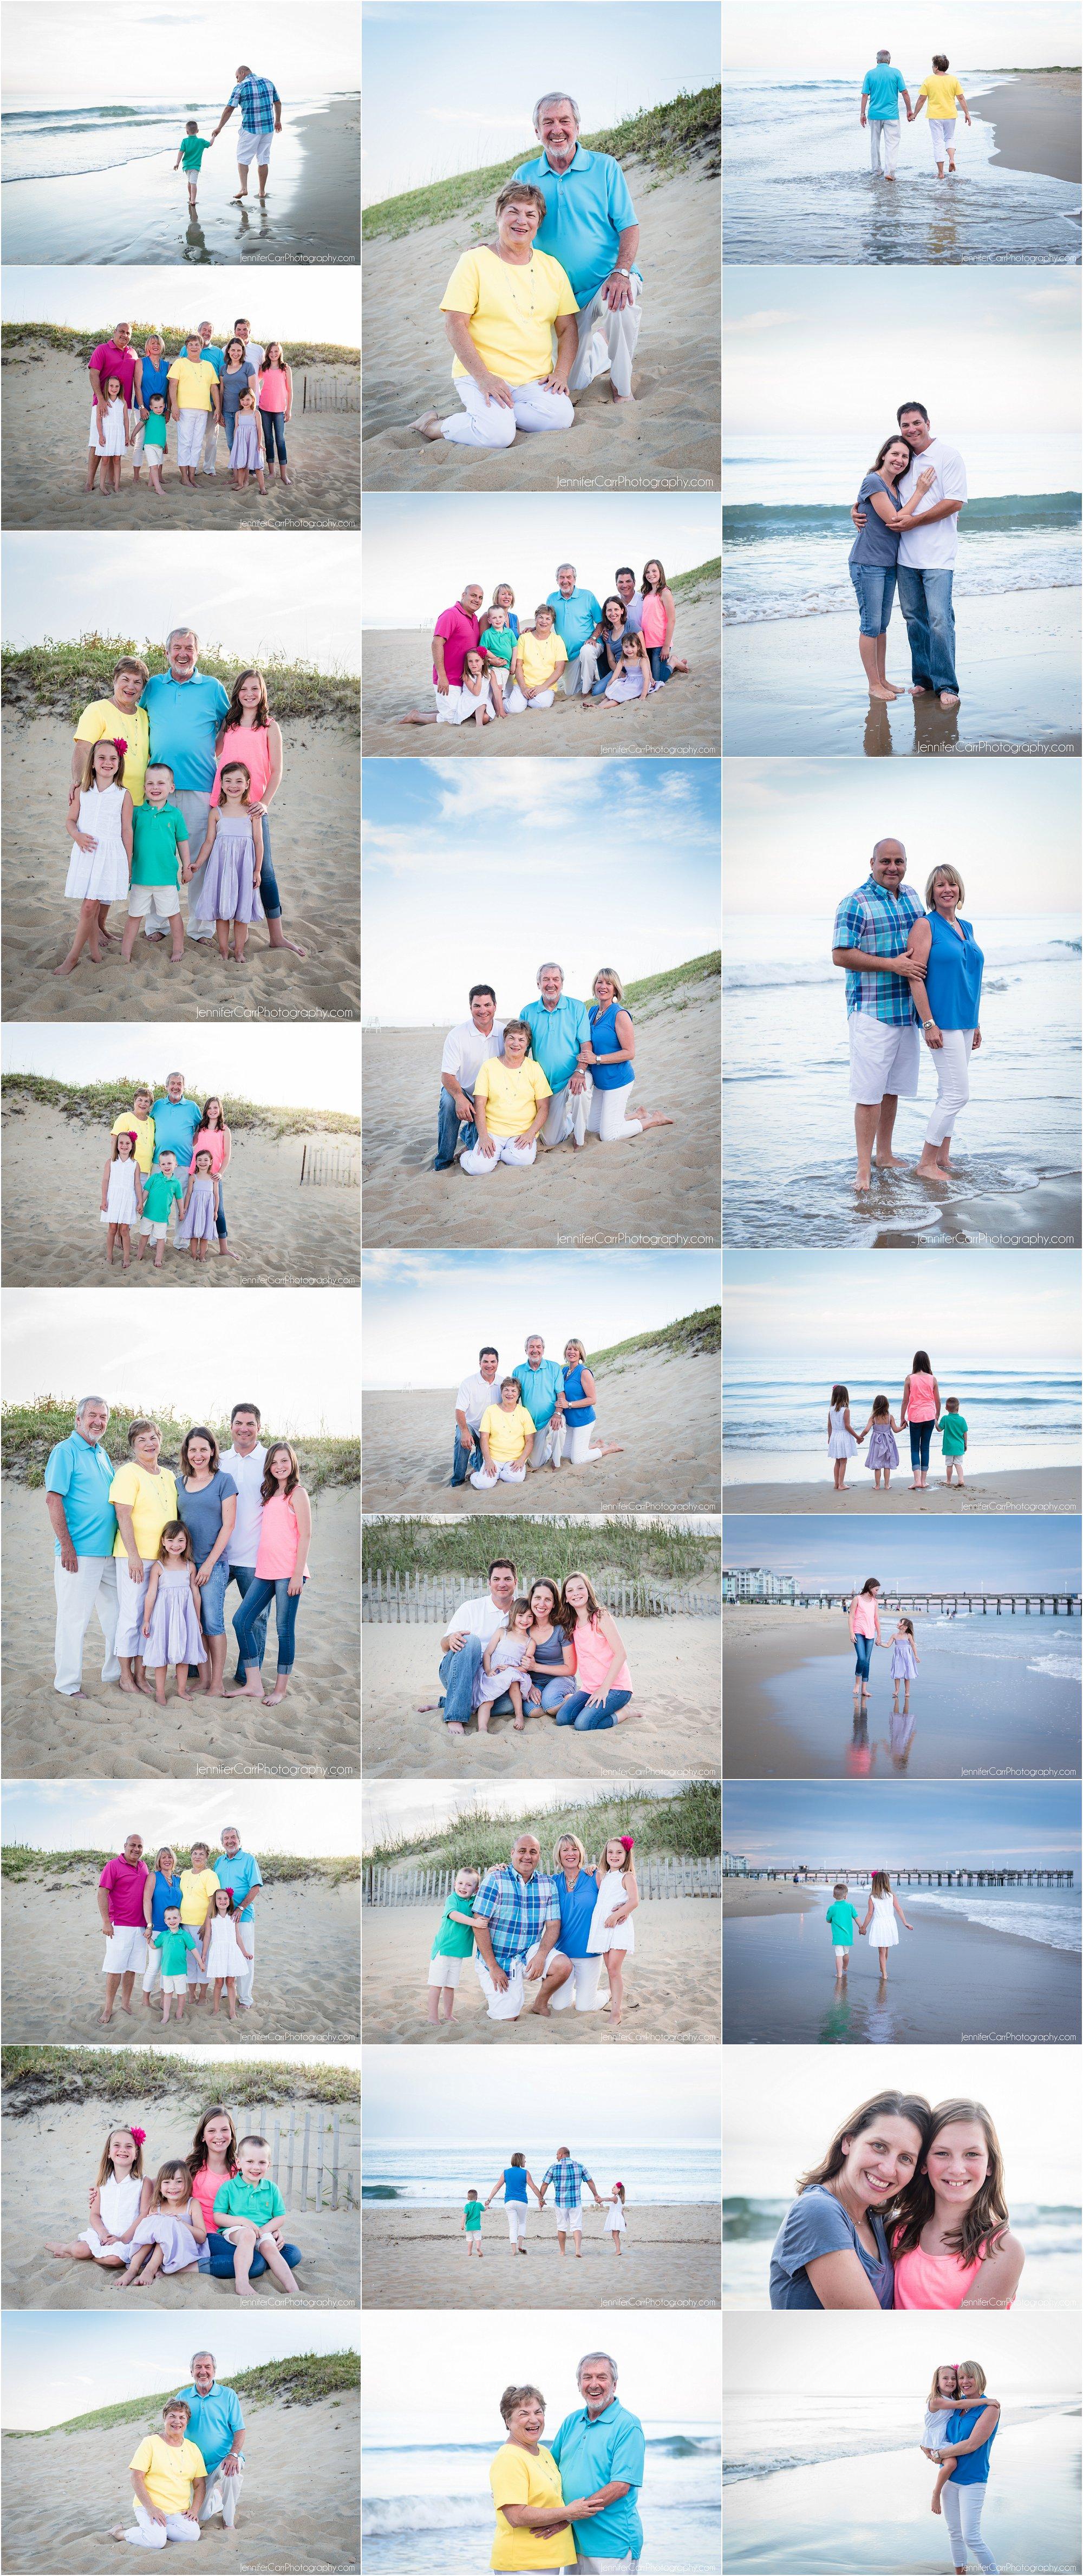 弗吉尼亚海滩全家福,詹妮弗·卡尔摄影,沙布里格照片,度假肖像,小岛公园